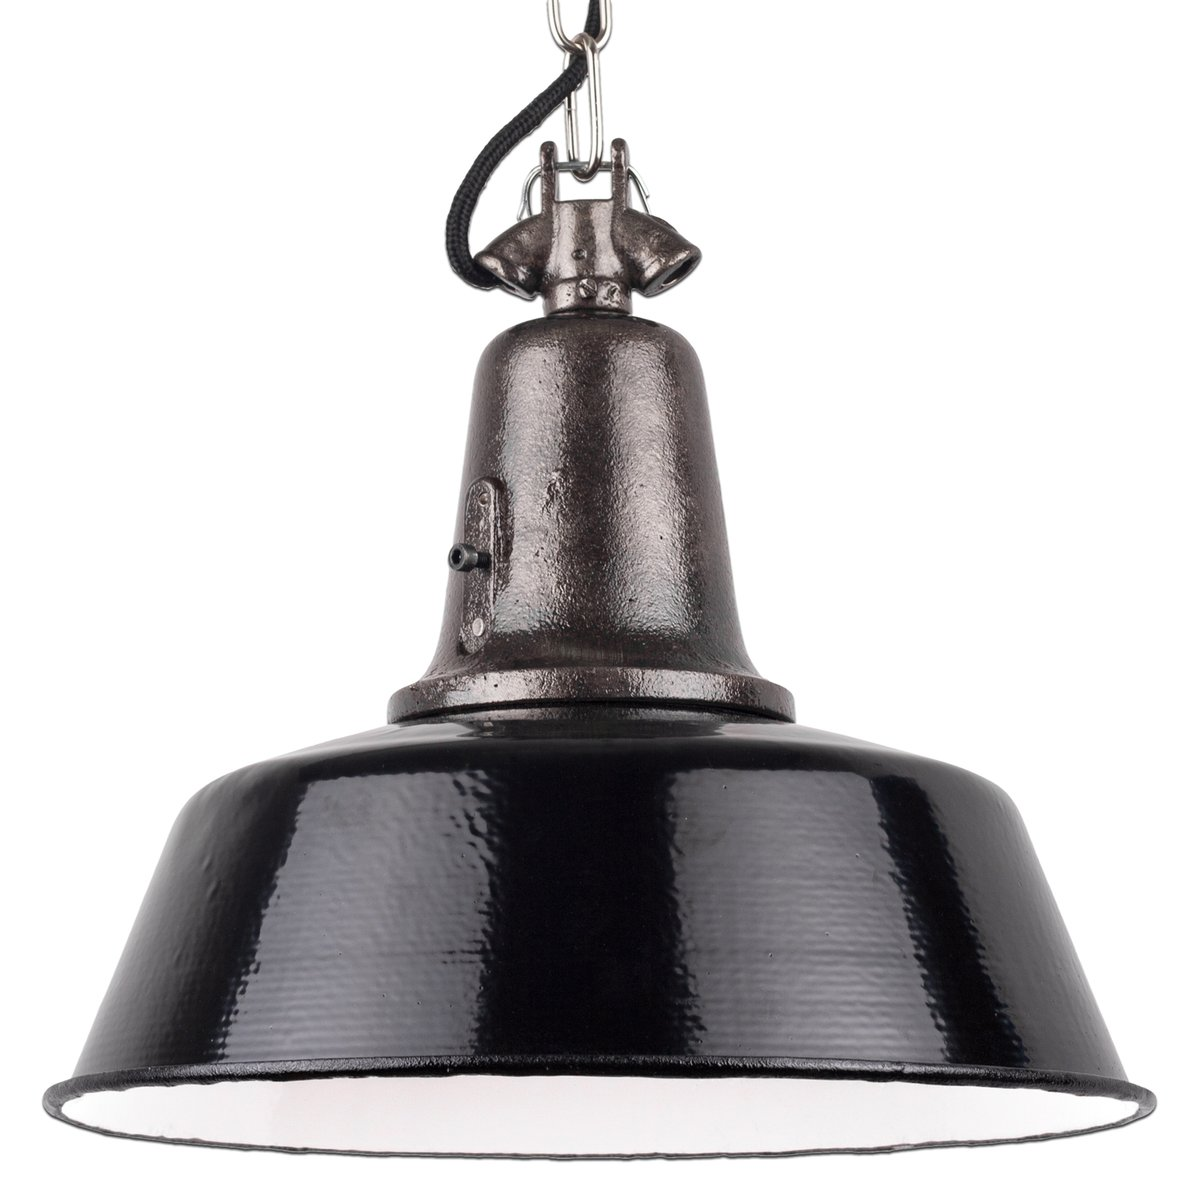 Industrielle Vintage Hängeleuchte in schwarzem Gusseisen